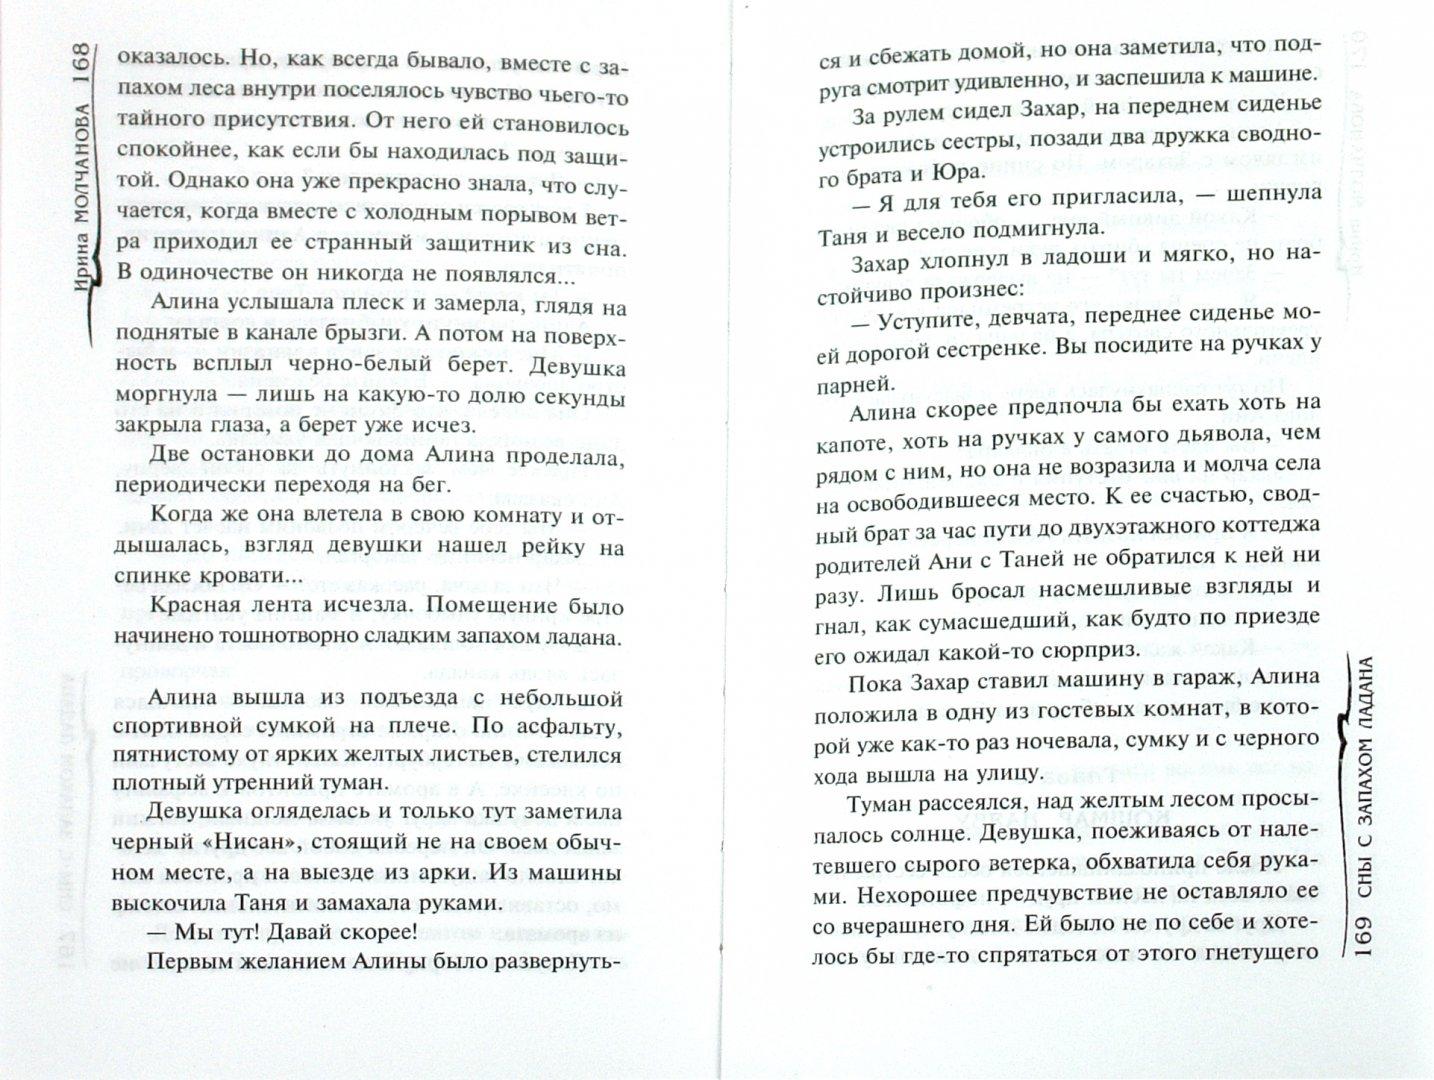 Иллюстрация 1 из 9 для Игры бессмертных - Усачева, Молчанова, Лазарева | Лабиринт - книги. Источник: Лабиринт